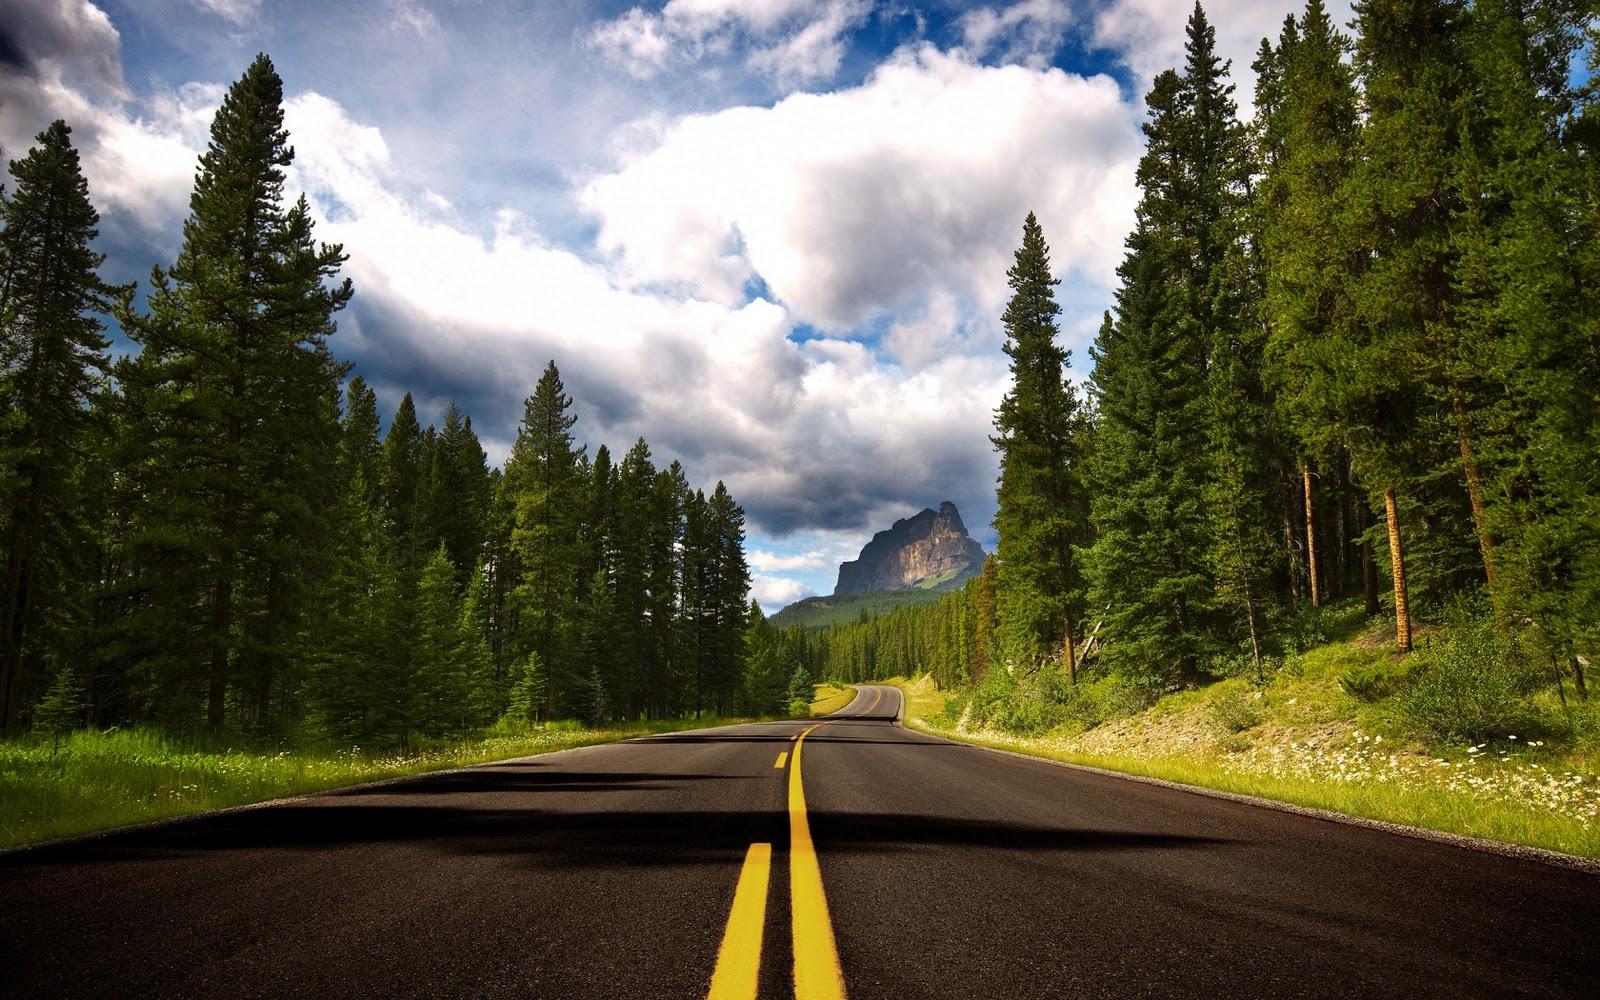 https://2.bp.blogspot.com/-mDCYwXgsULE/ThsZ4LJLsUI/AAAAAAAAH7E/1tKt-ZtOwCk/s1600/roads+Wallpapers+hd.jpg